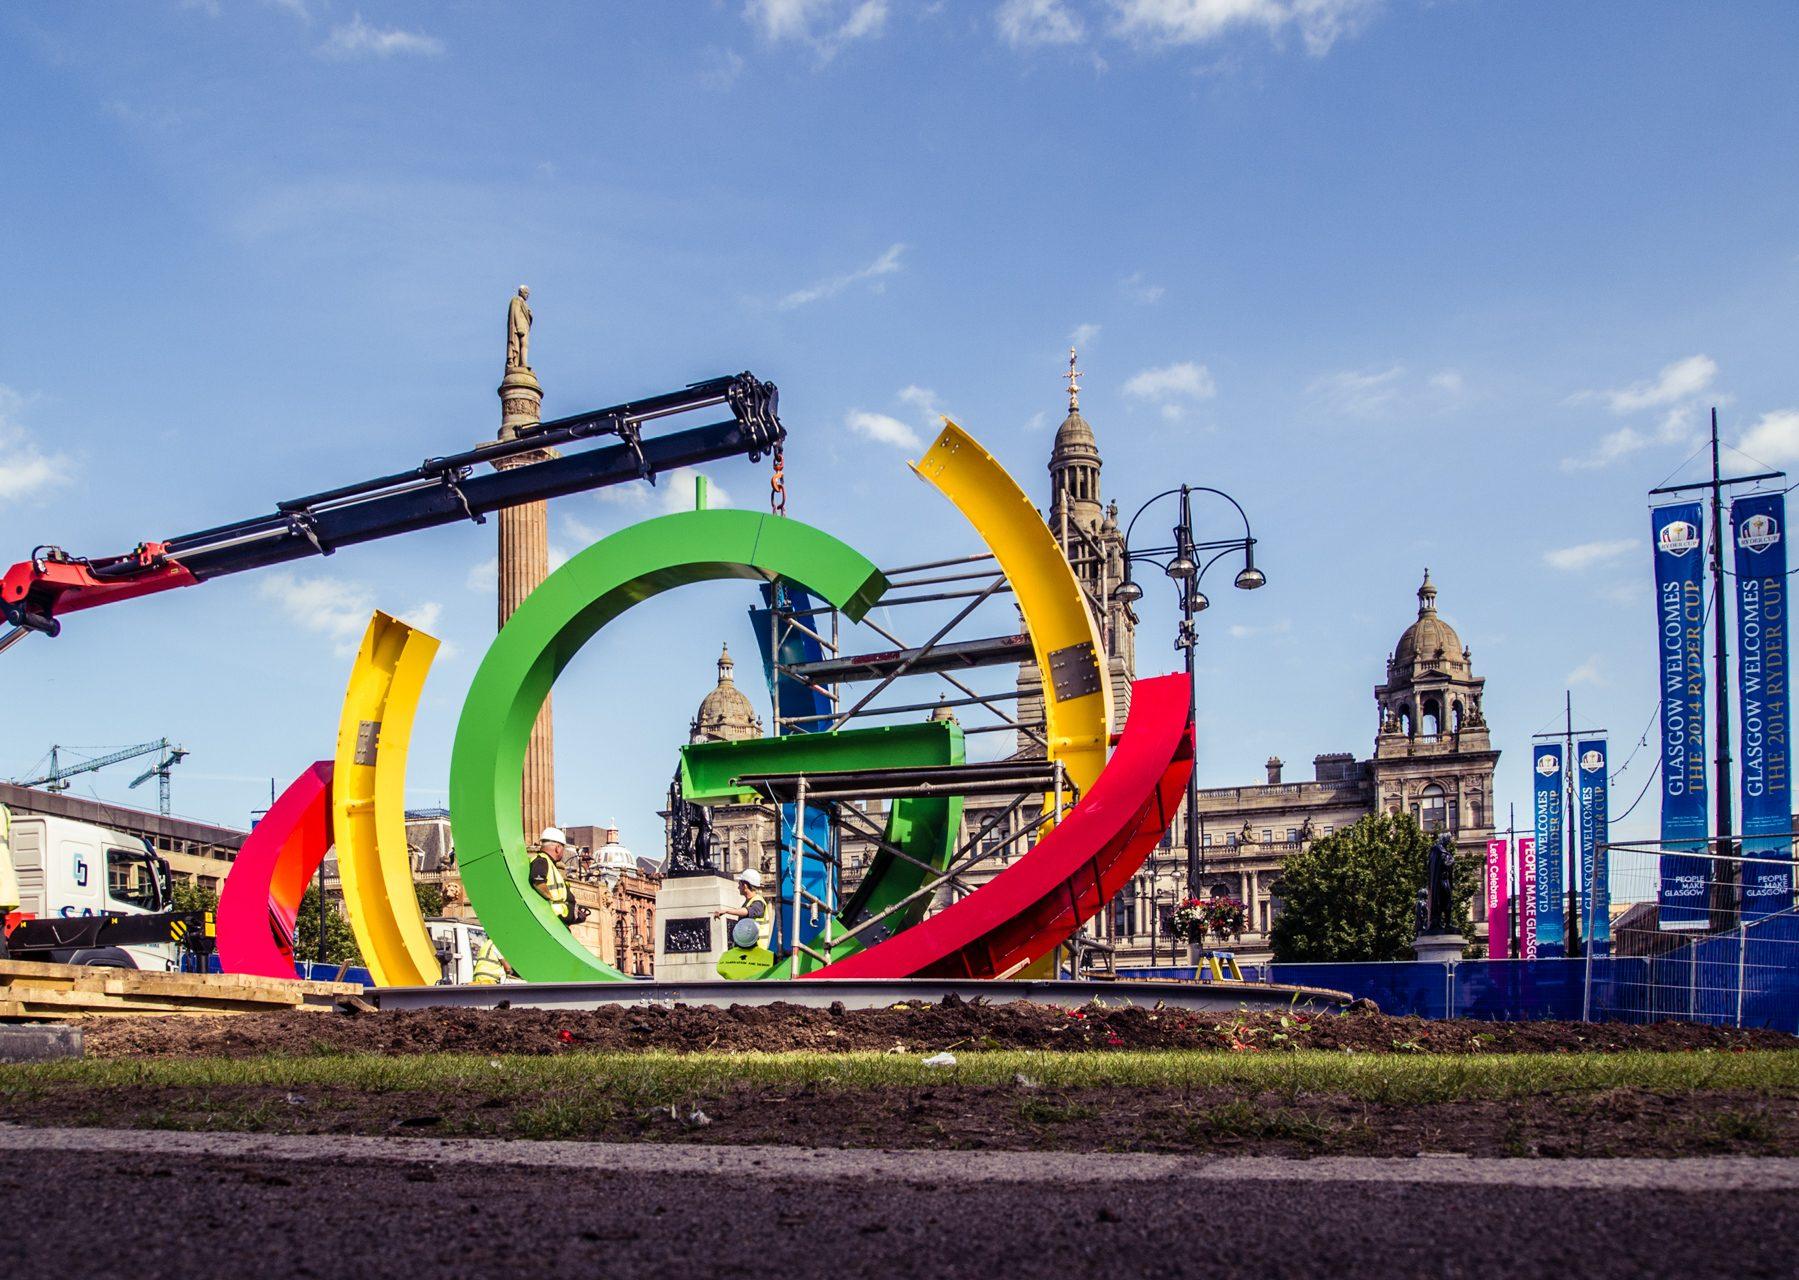 Glasgow Sculpture